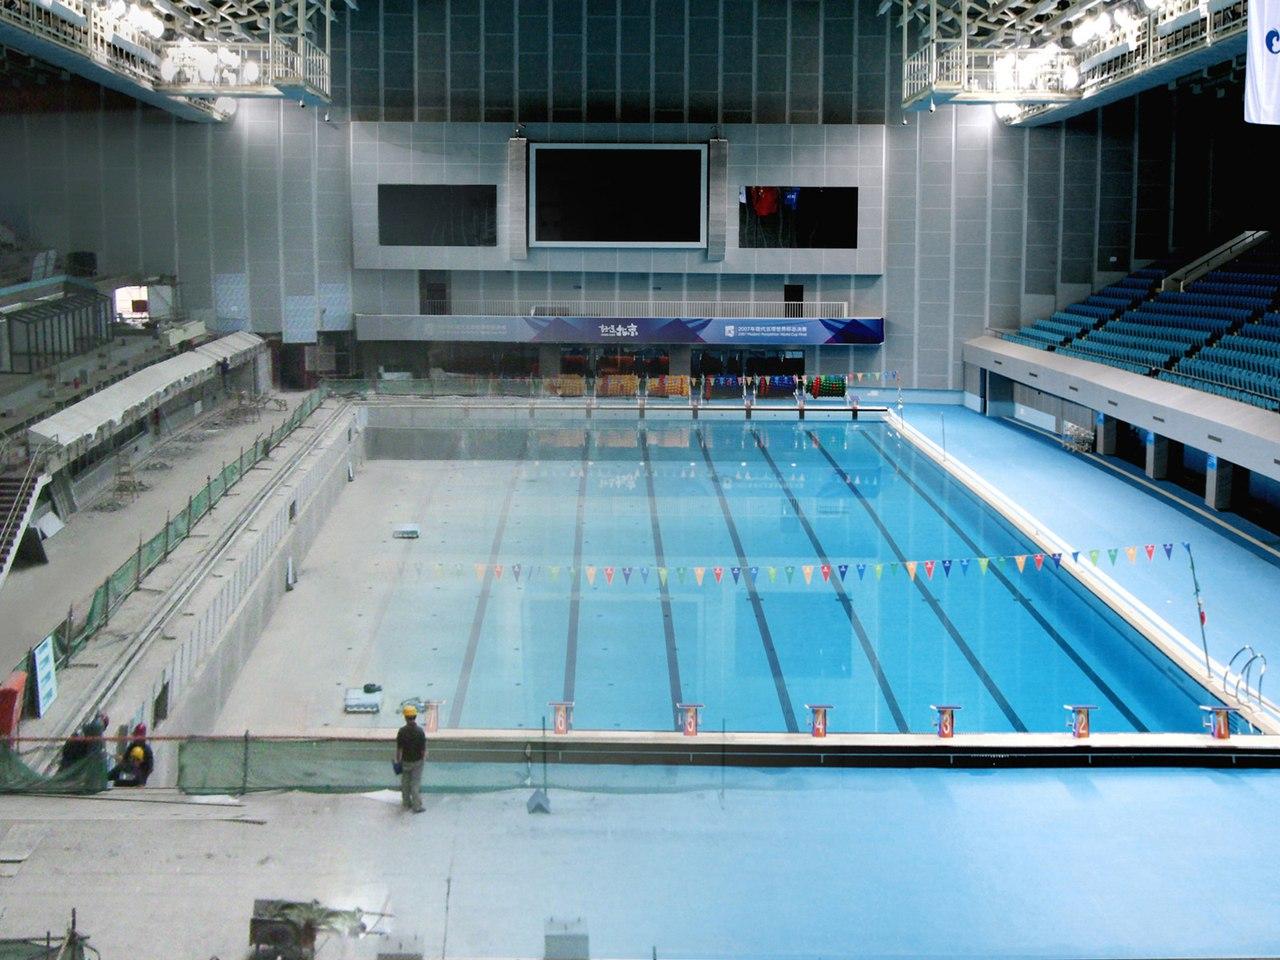 реконструкция бассейна в Китае 2008 Олимпиада